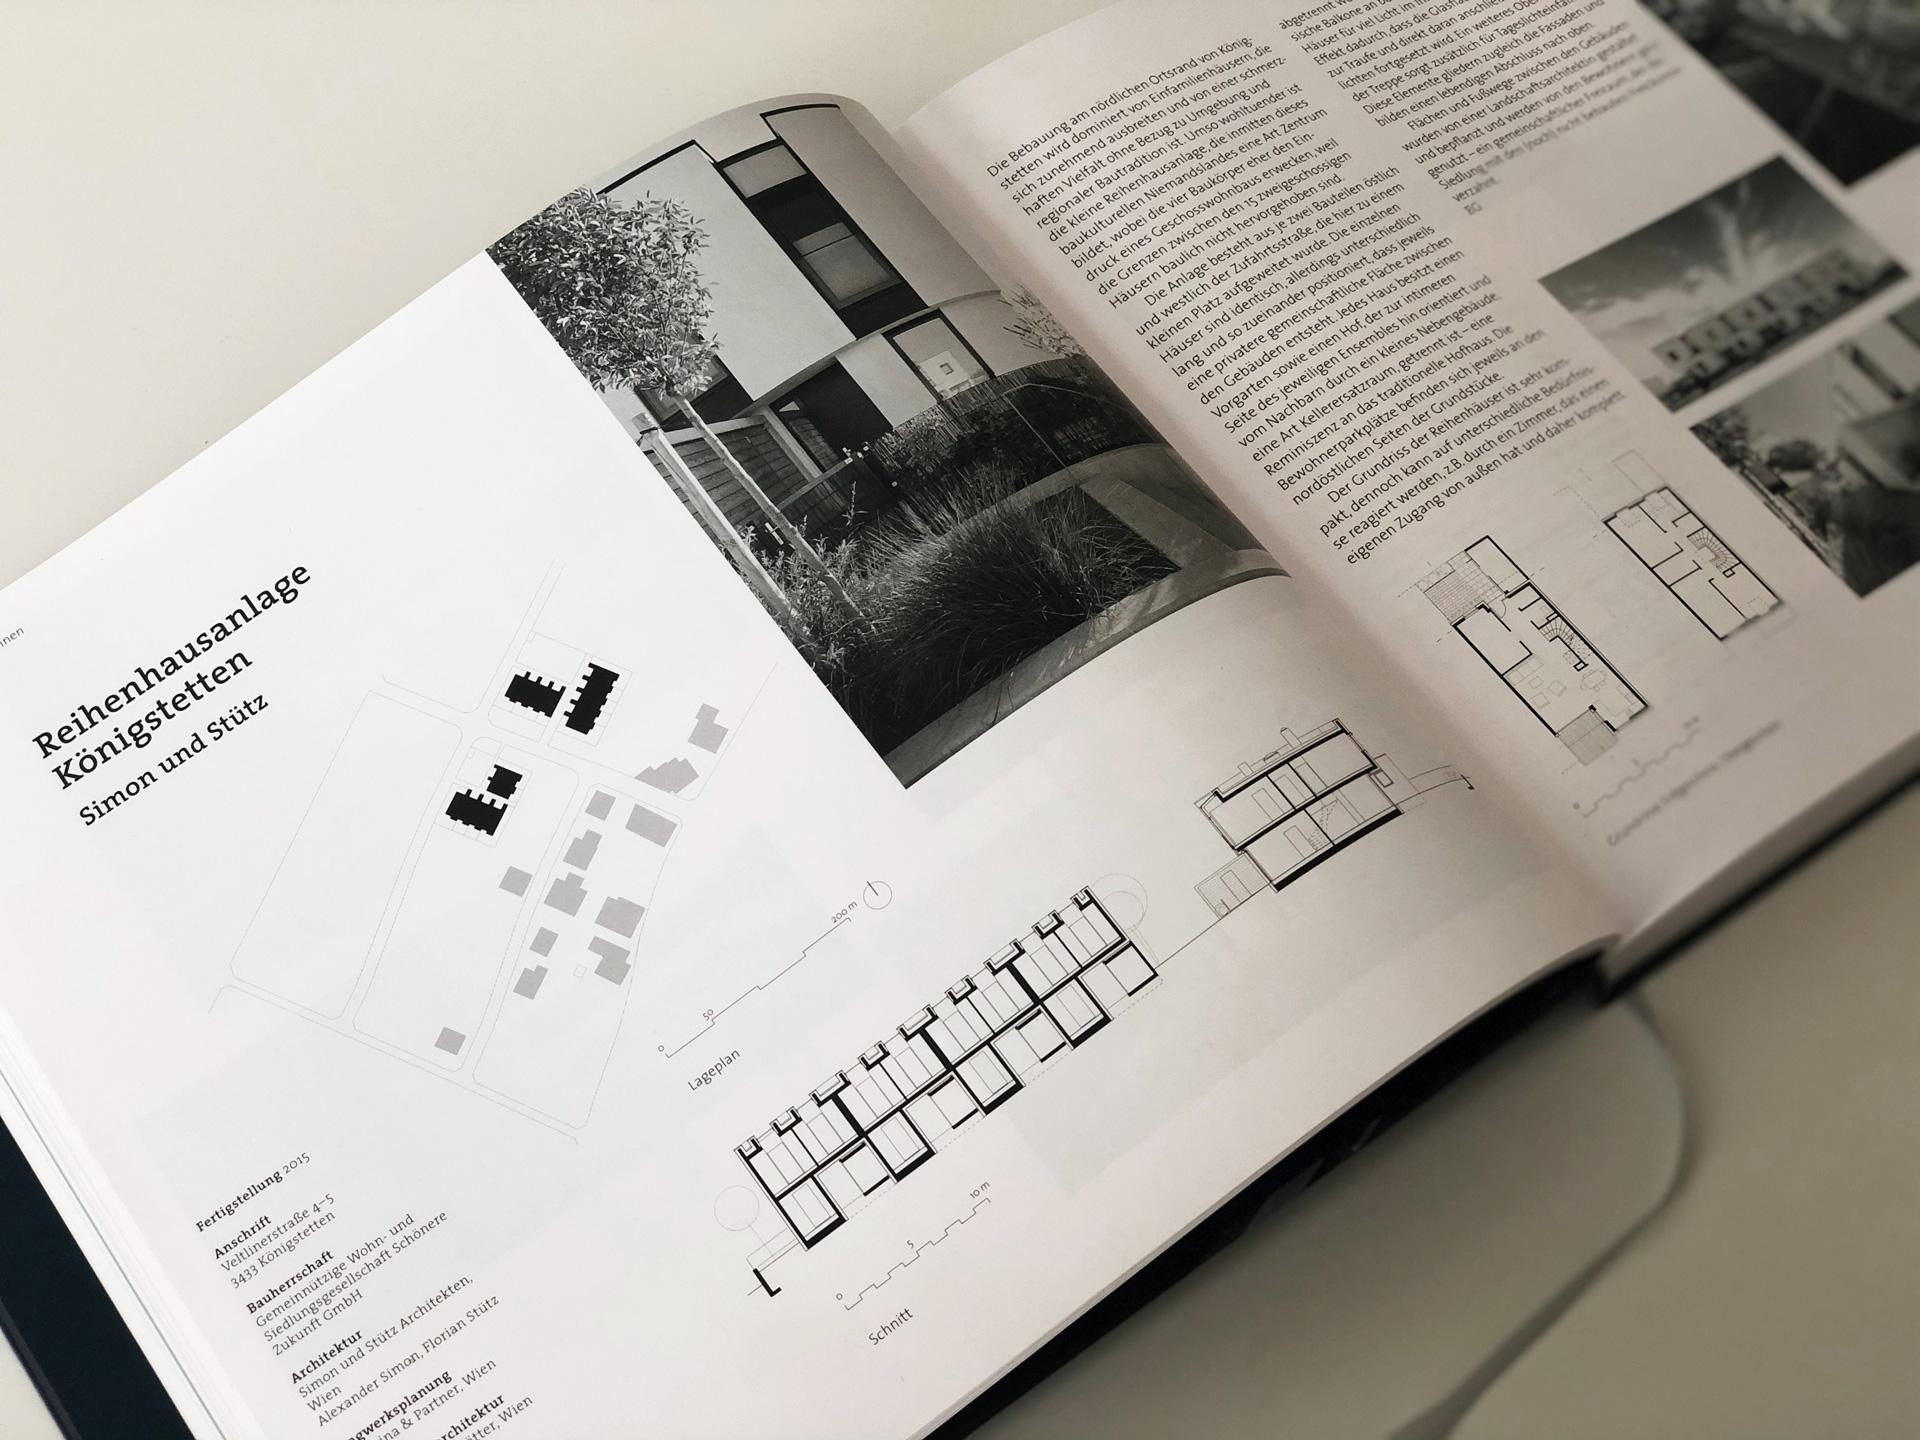 Publikation: Architektur in Niederösterreich 2010-2020